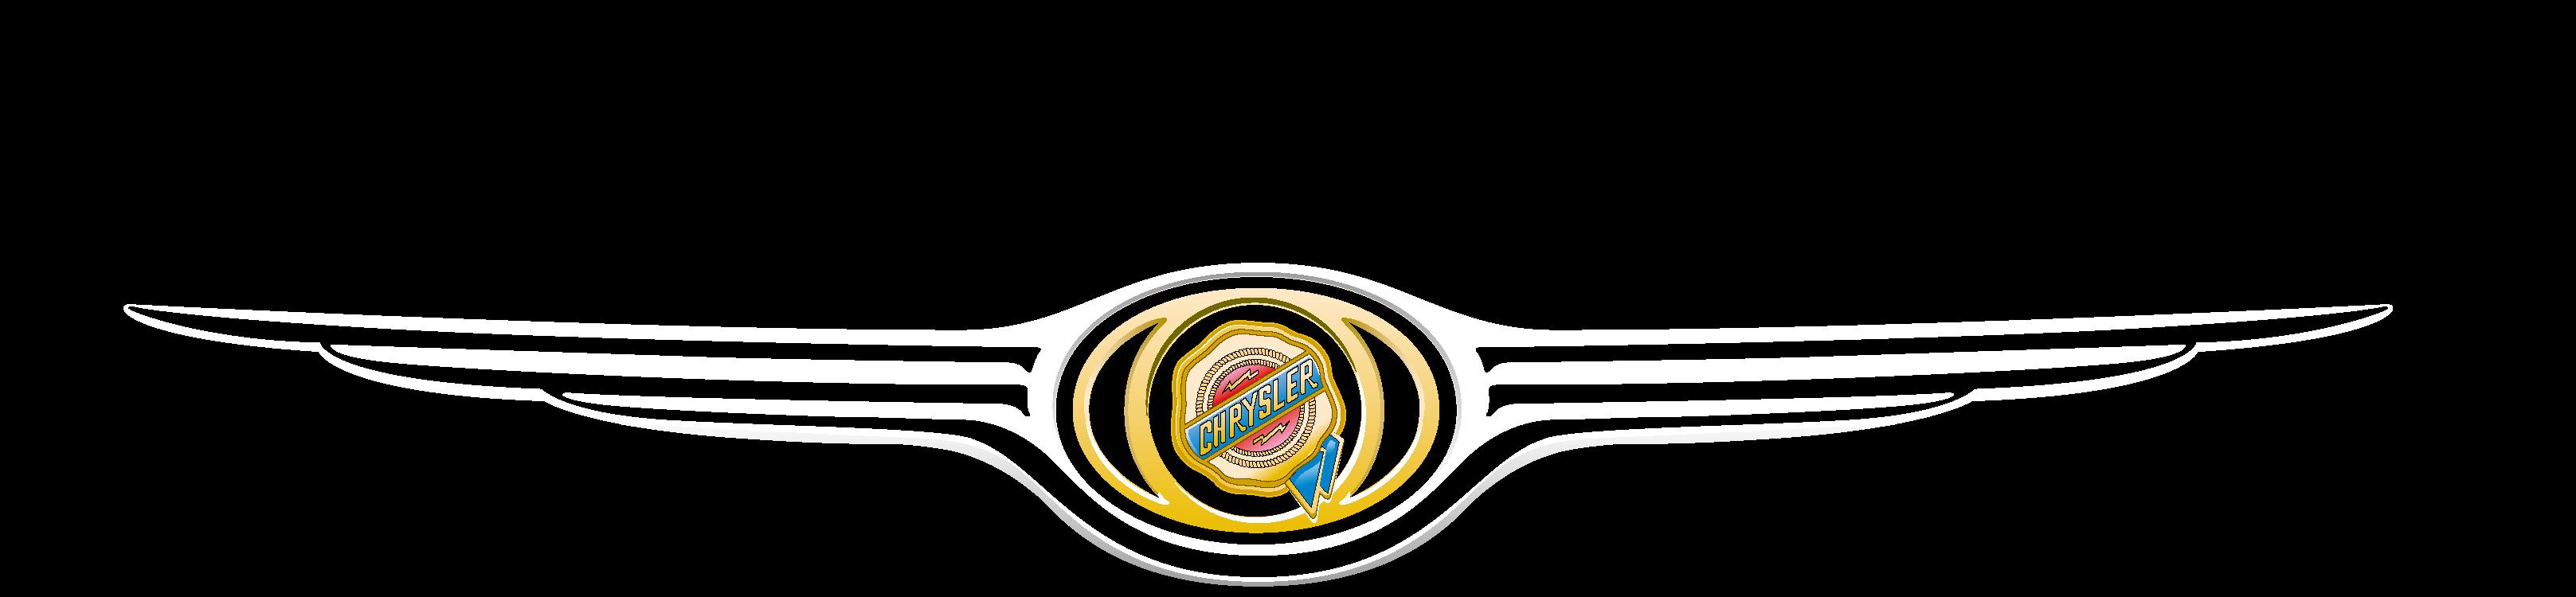 Chrysler Logo PNG - 175015